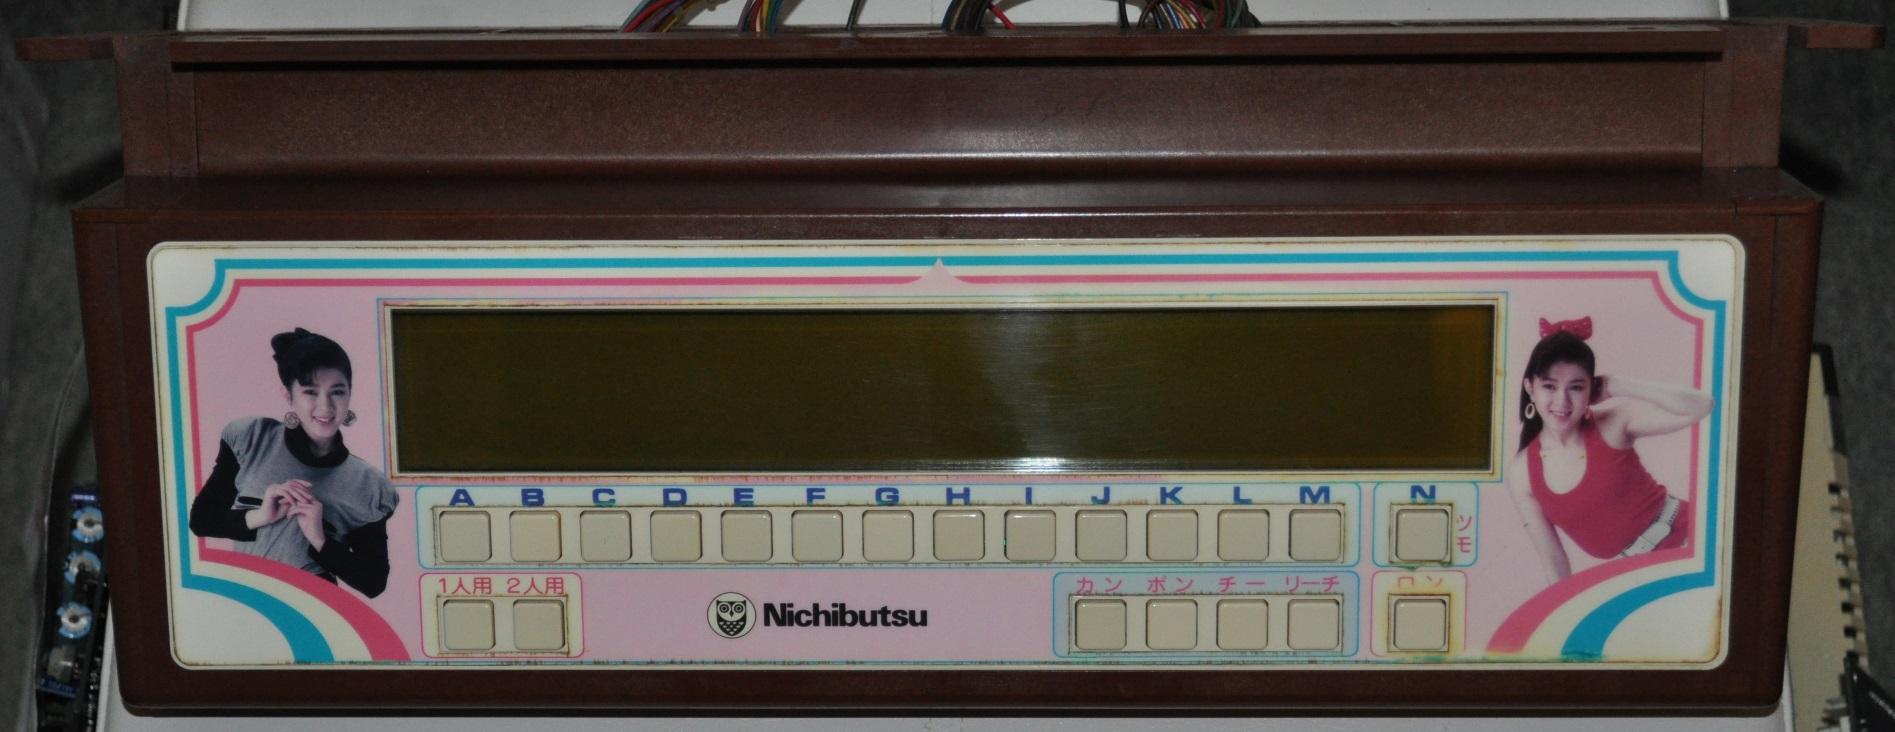 hm_panel1